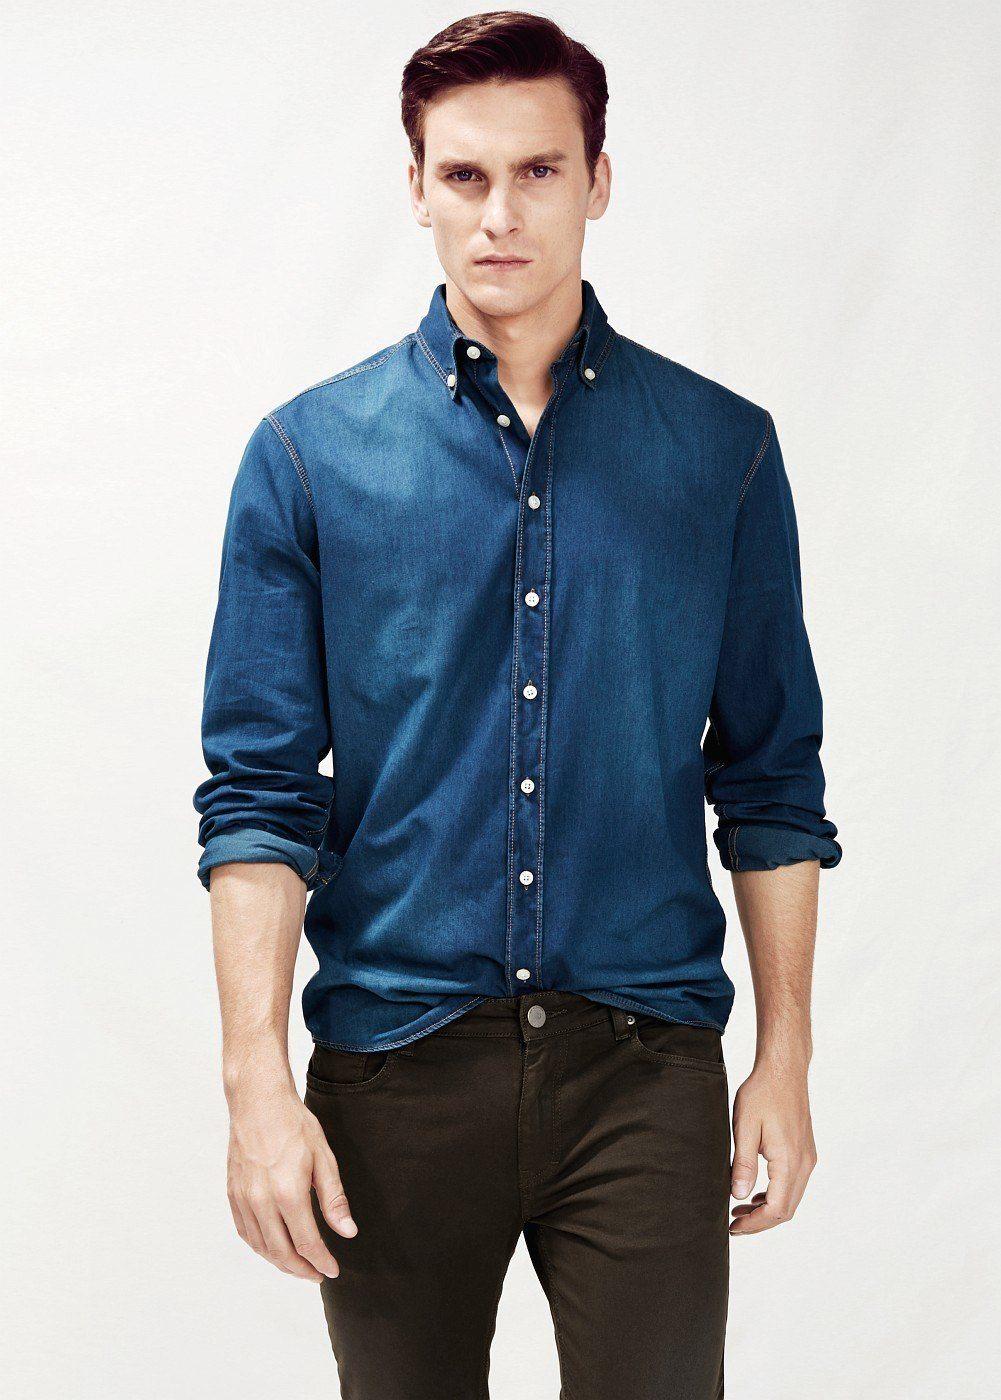 Ropa de moda para hombre car interior design - Tendencias en ropa ...